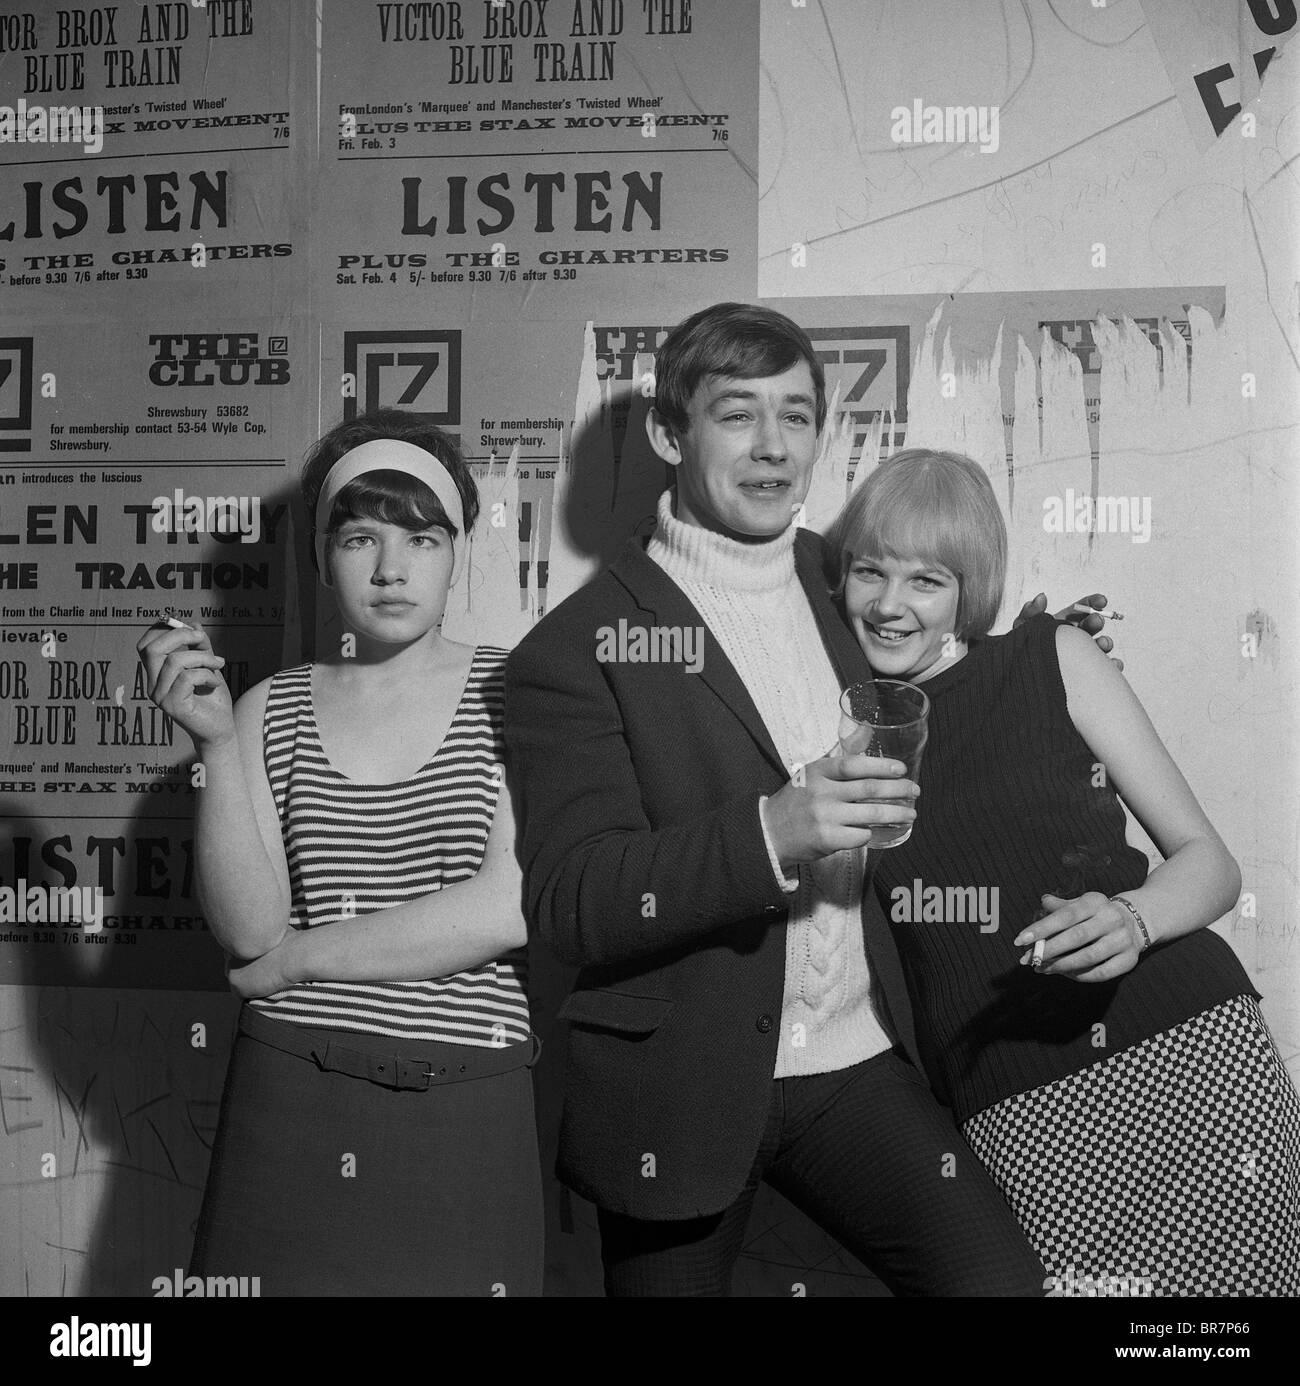 Los jóvenes beber y fumar en el Club 7 en Shrewsbury en 1967 Imagen De Stock